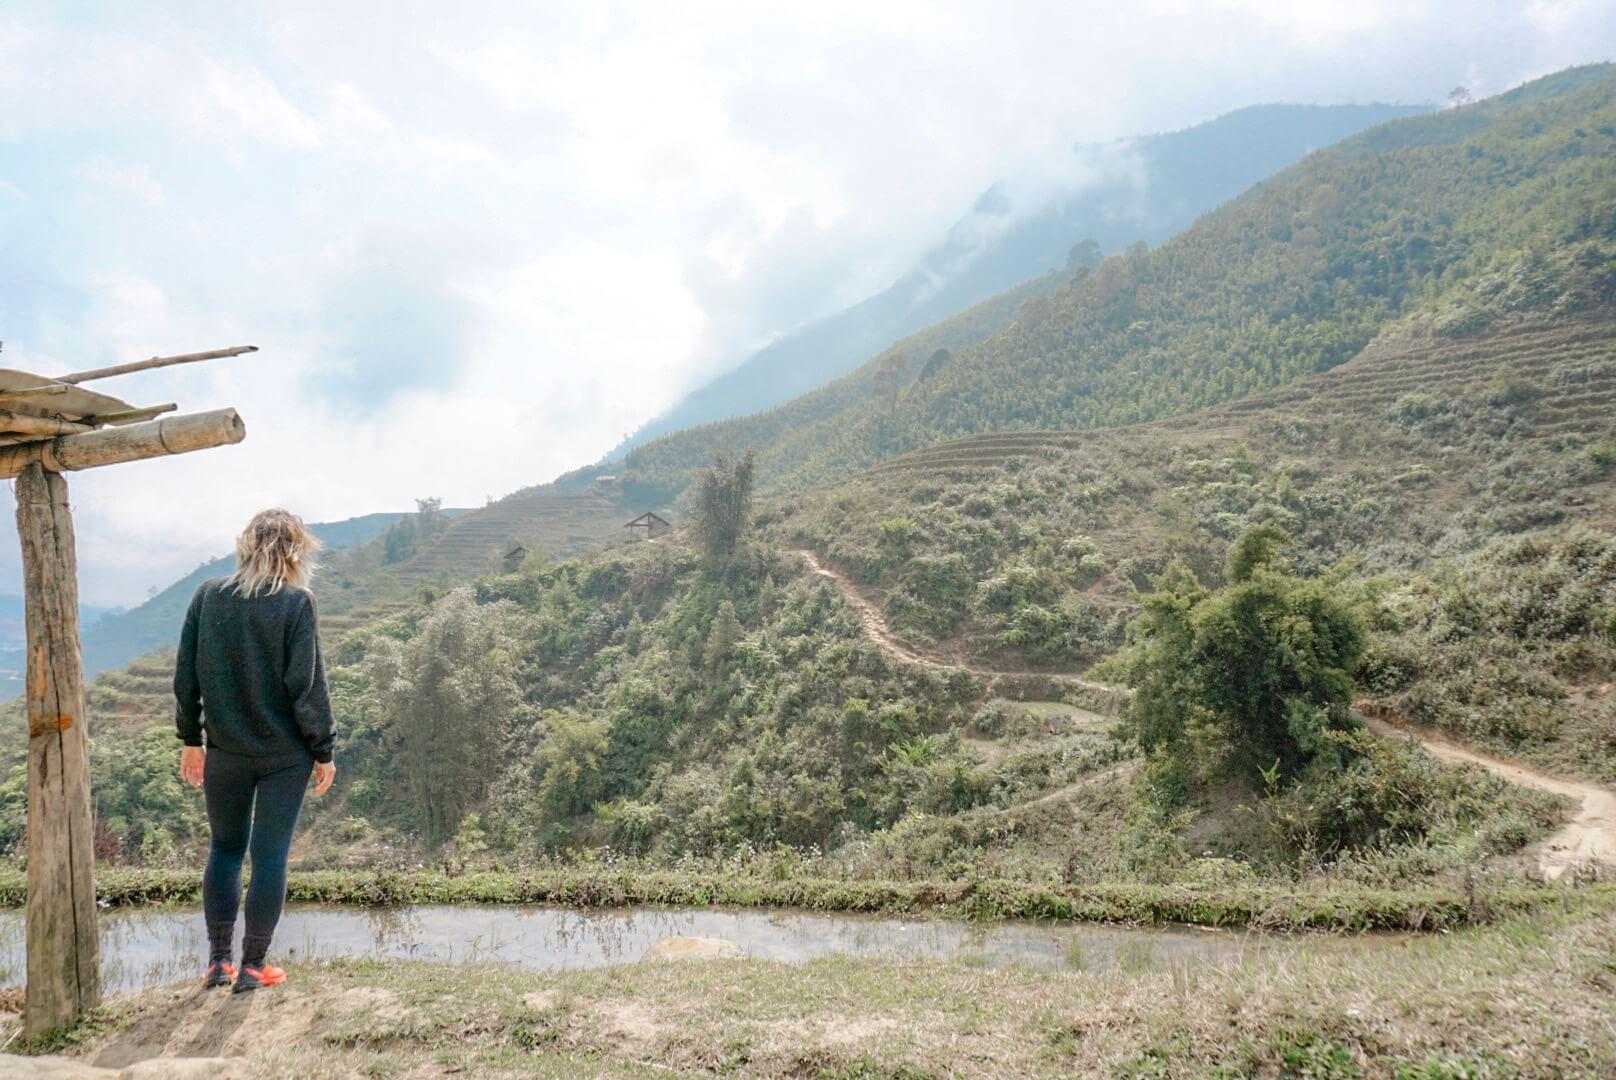 randonnée sapa riziere avec femme hmong